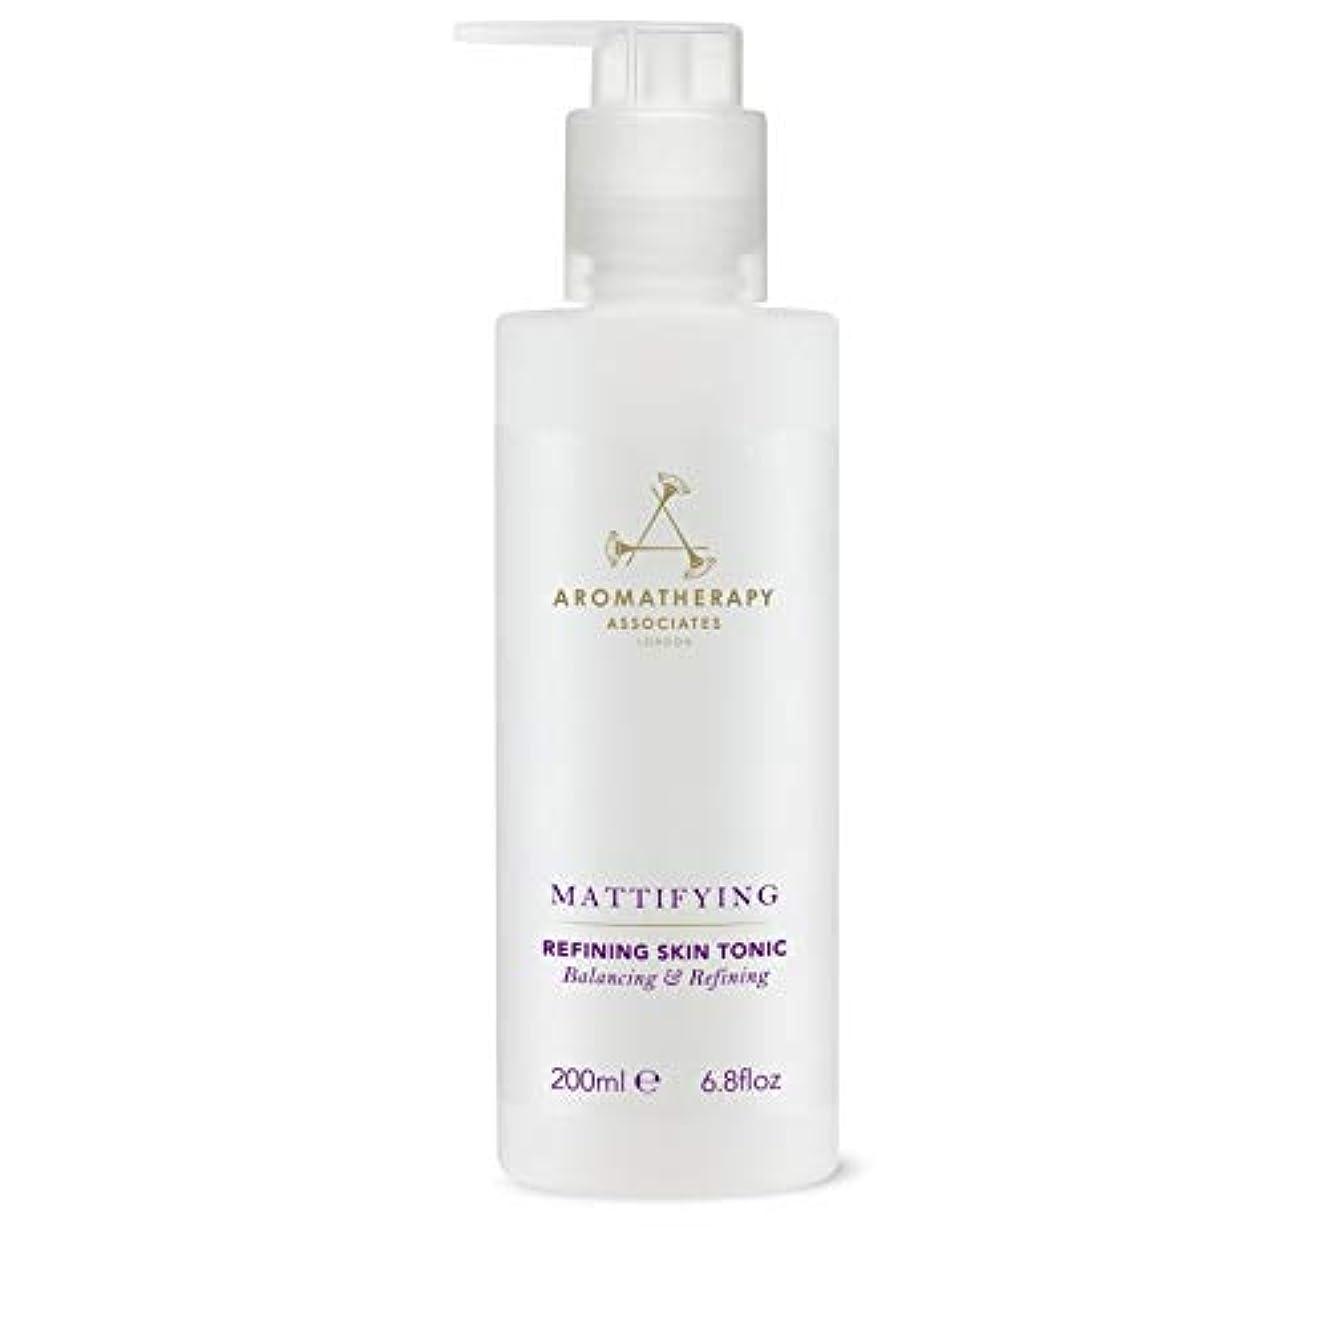 にやにや主神聖[Aromatherapy Associates ] アロマセラピーアソシエイツ精錬皮膚の強壮剤、アロマセラピーアソシエイツ - Aromatherapy Associates Refining Skin Tonic,...